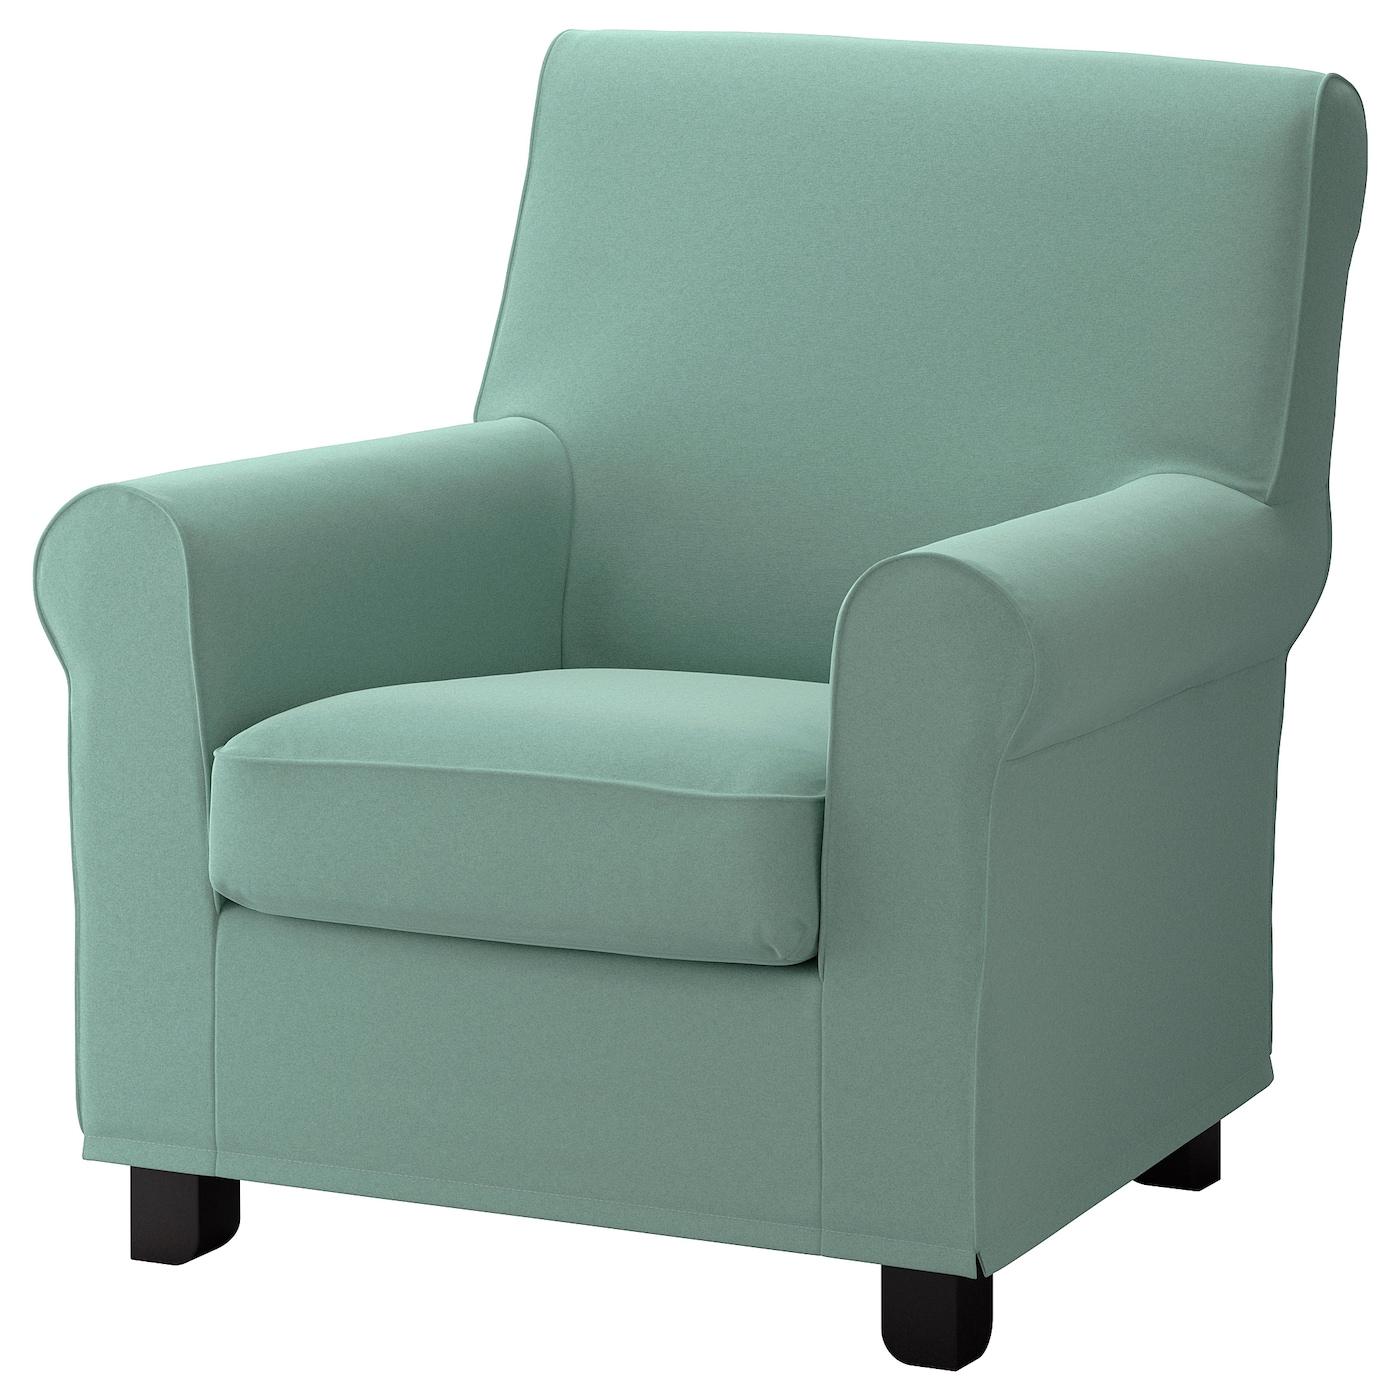 Sillones De Tela Compra Online Ikea